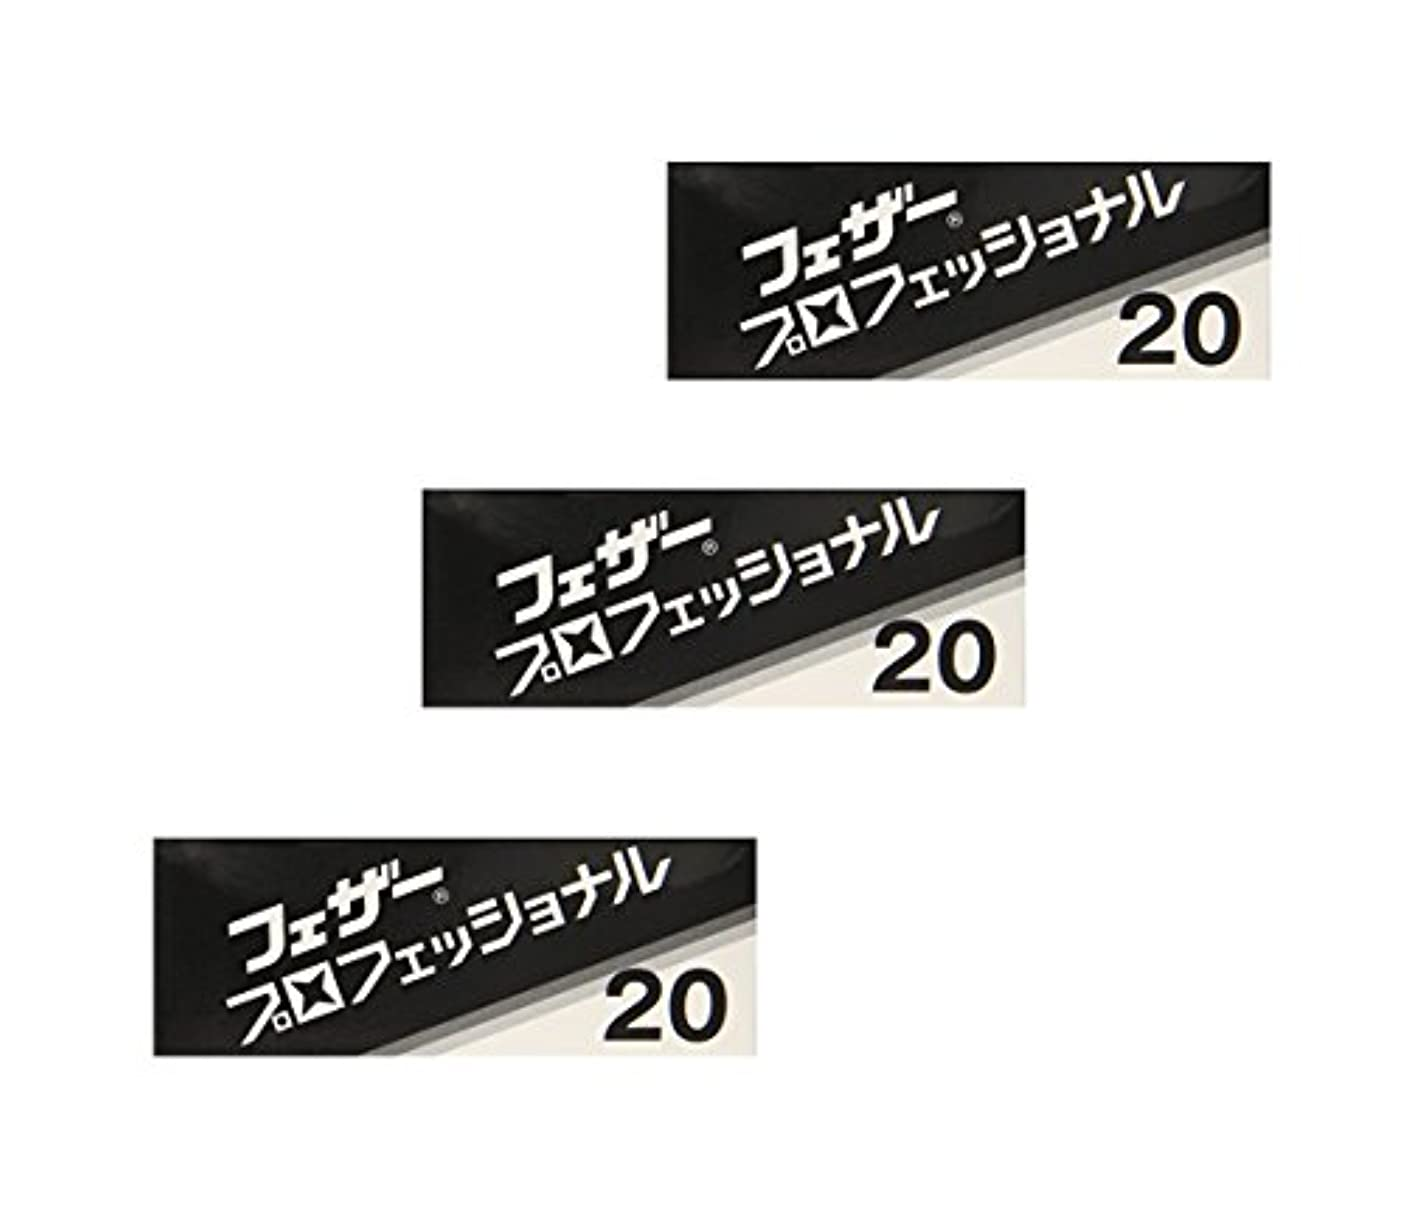 掃く消防士ヨーグルト【3個セット】 フェザー プロフェッショナルブレイド 20枚入 PB-20